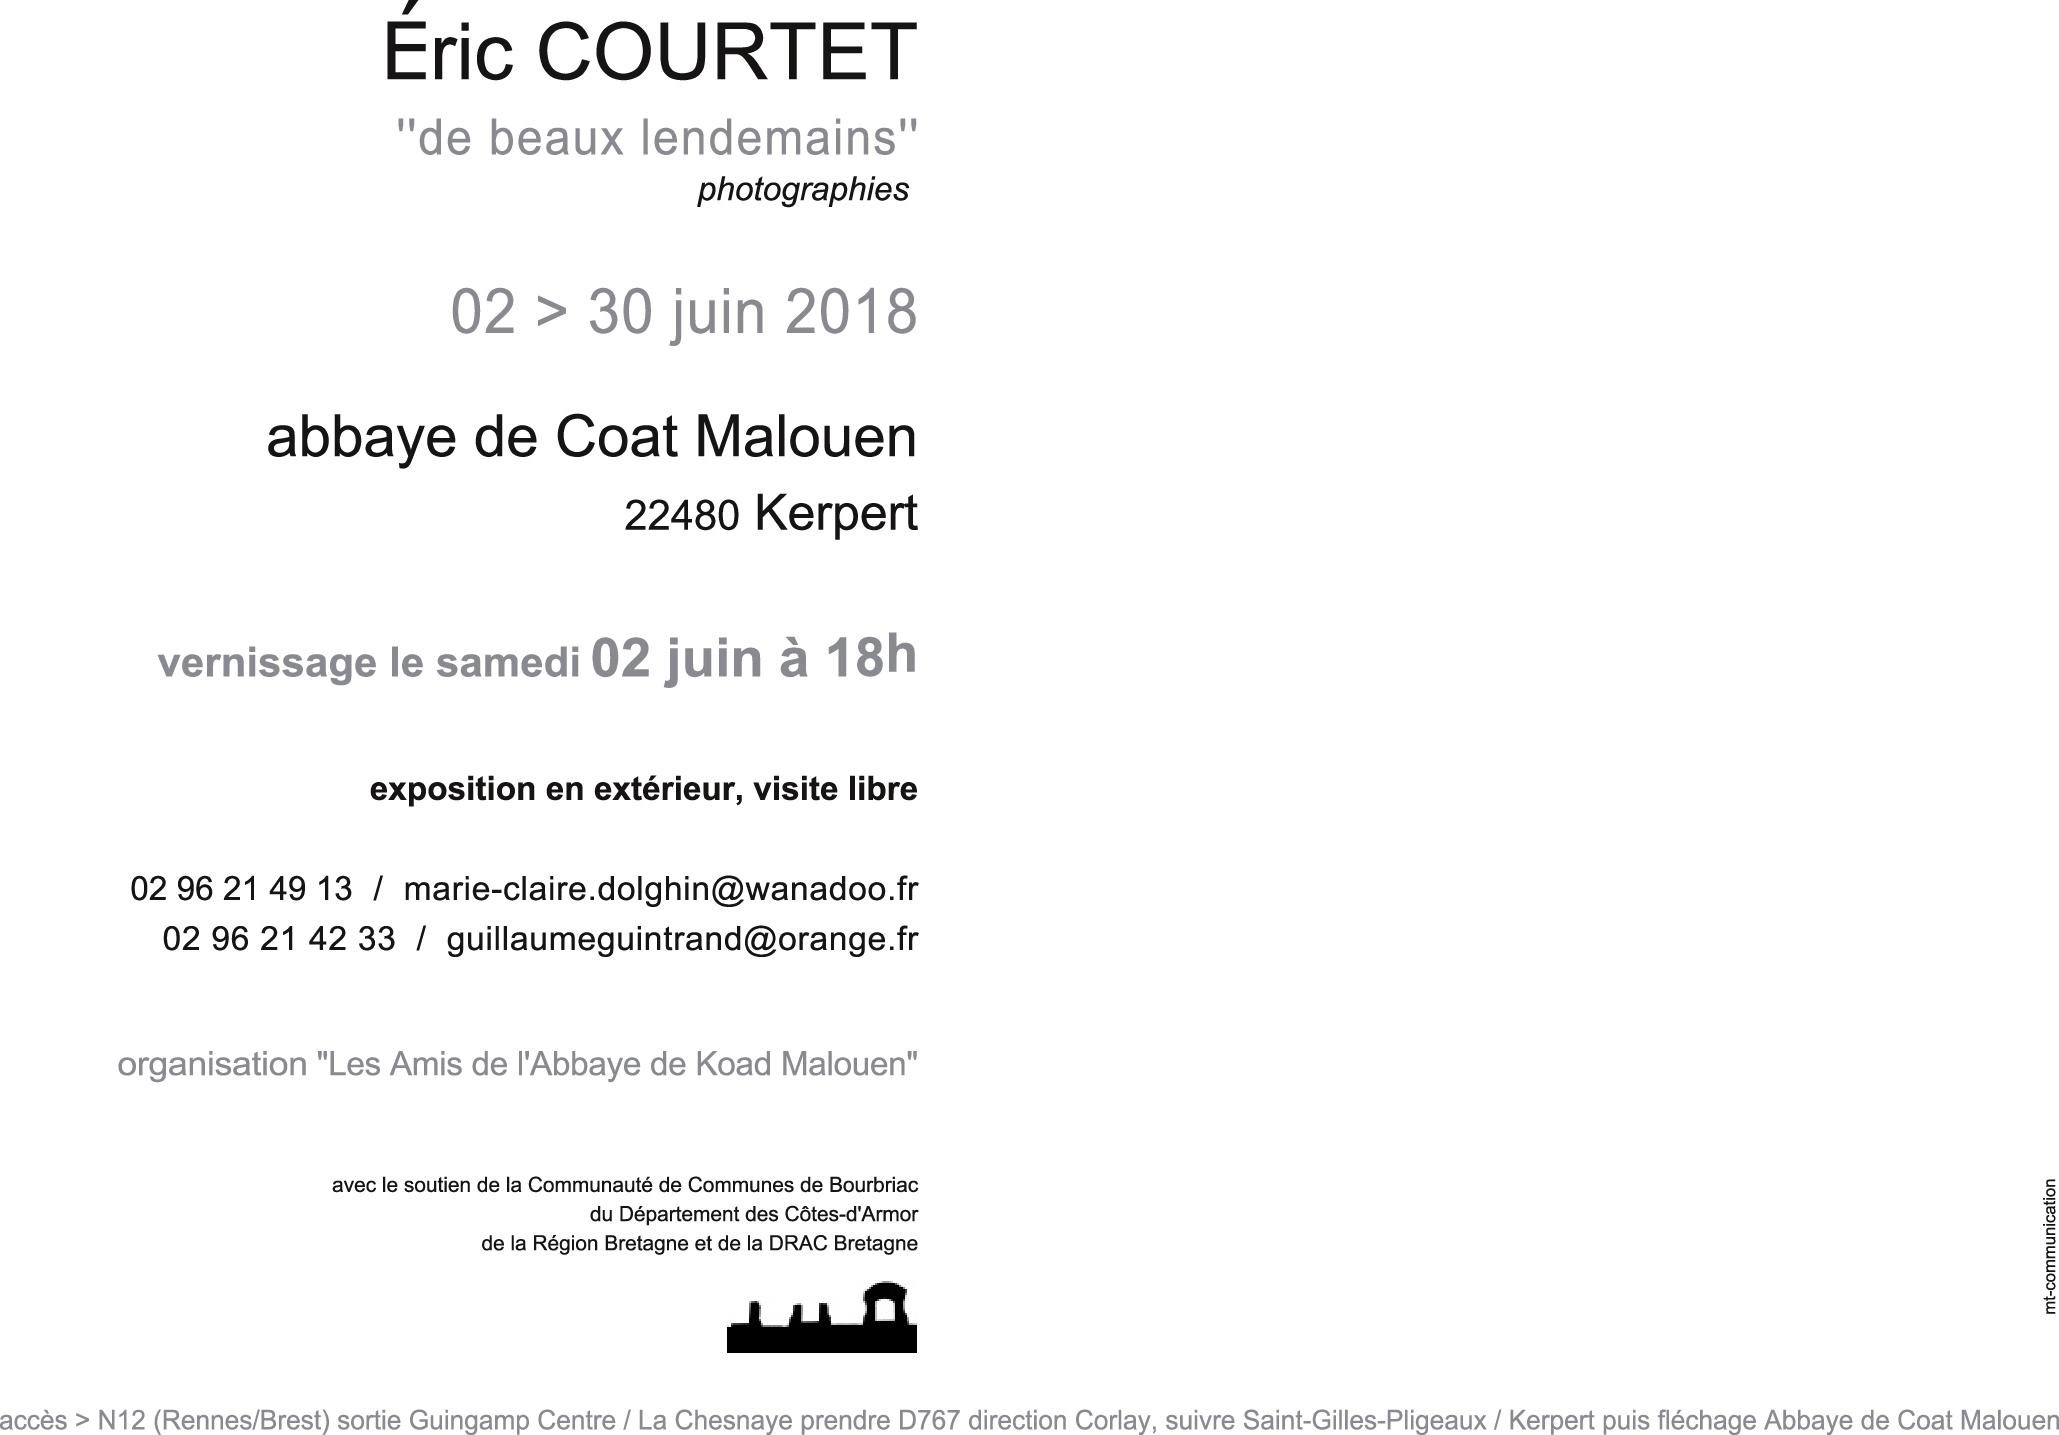 carton Courtet-2